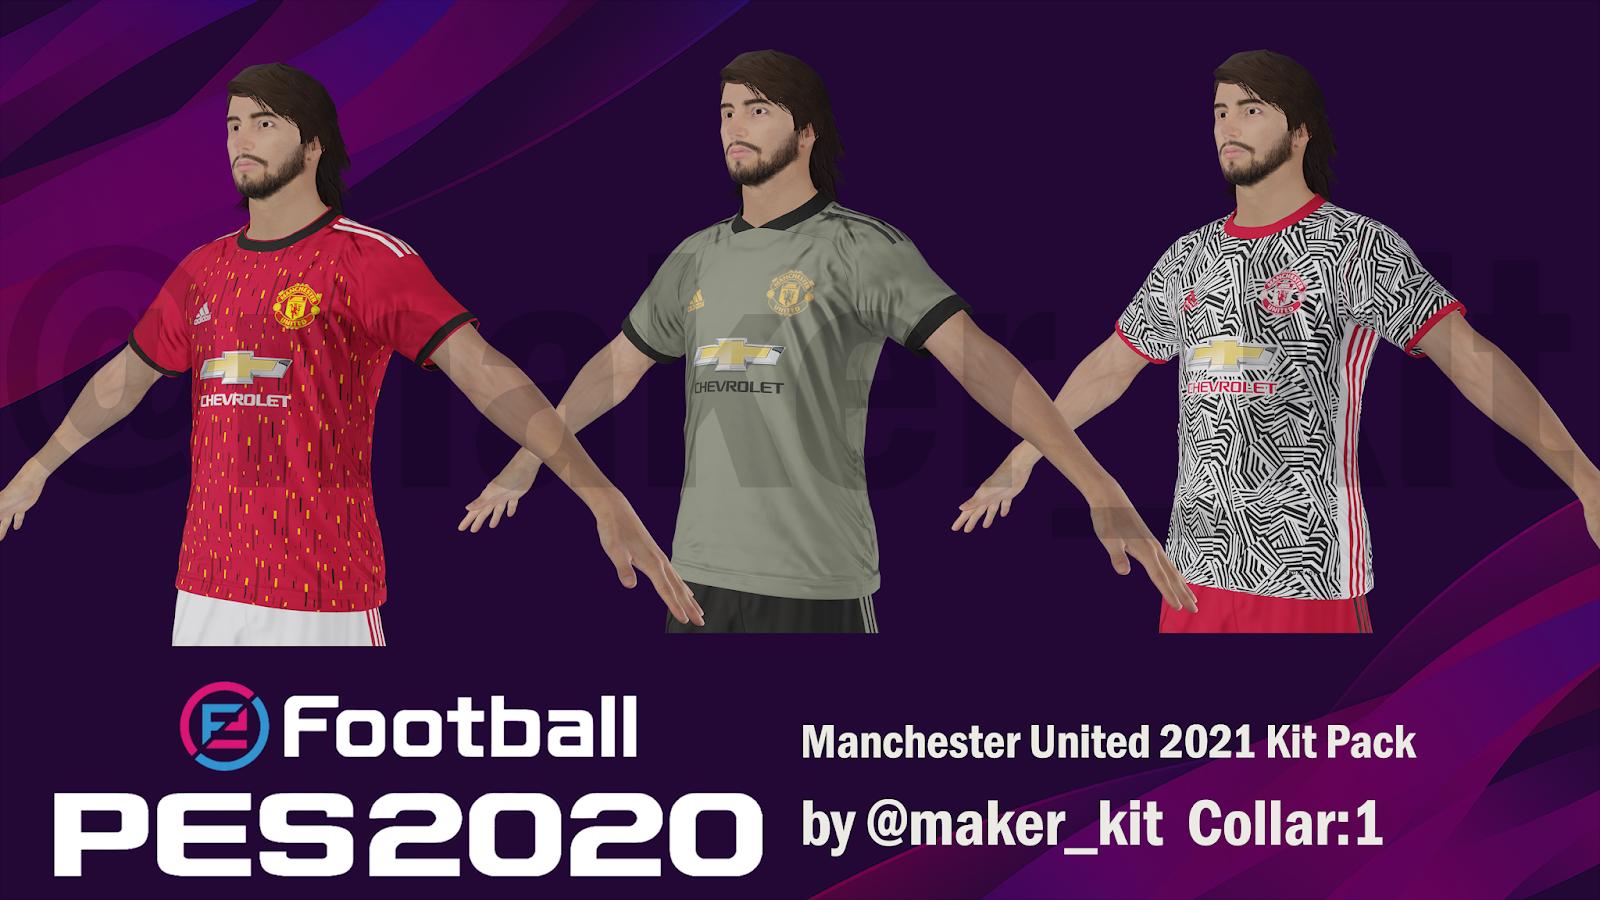 Manchester United 2021 Kit Pack